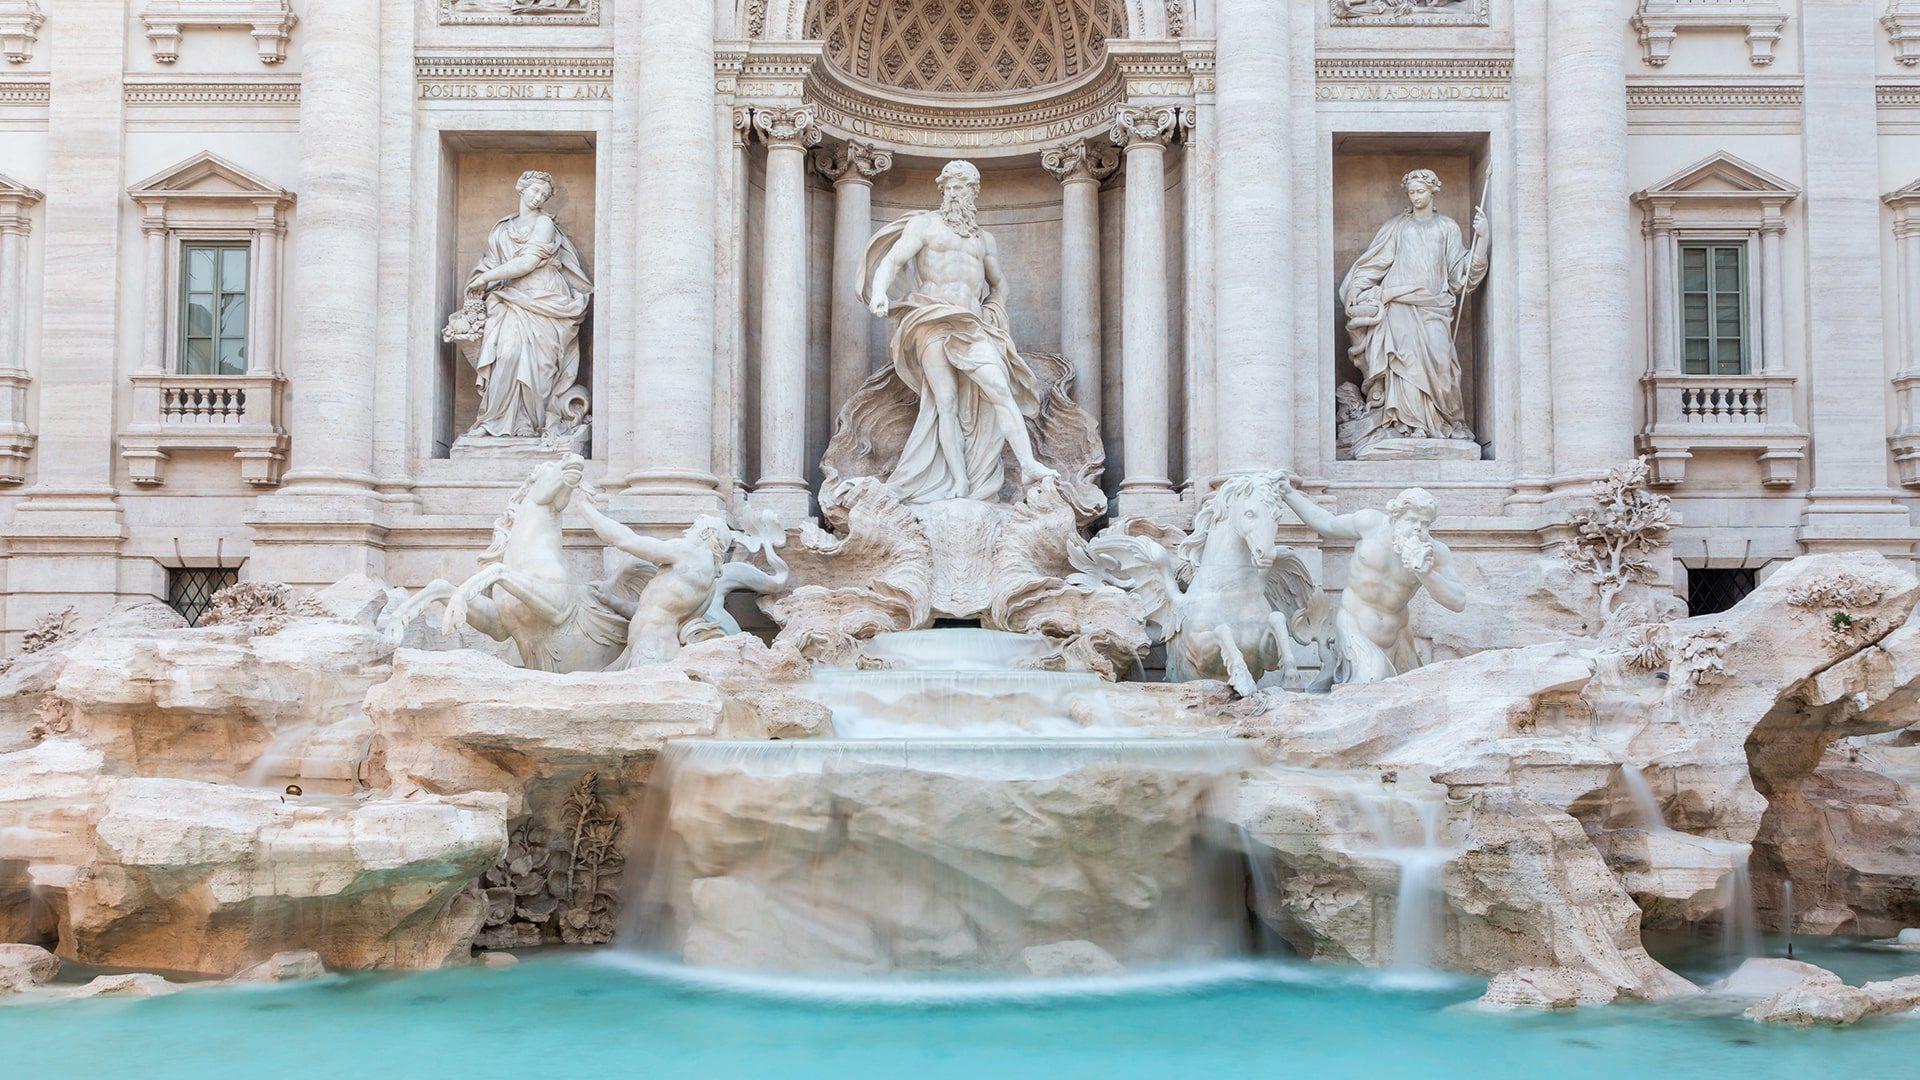 Fontana trevi Letusdrive tours Napoli Naples Napoles Italia, Italy Pompeya – Sorrento - Positano